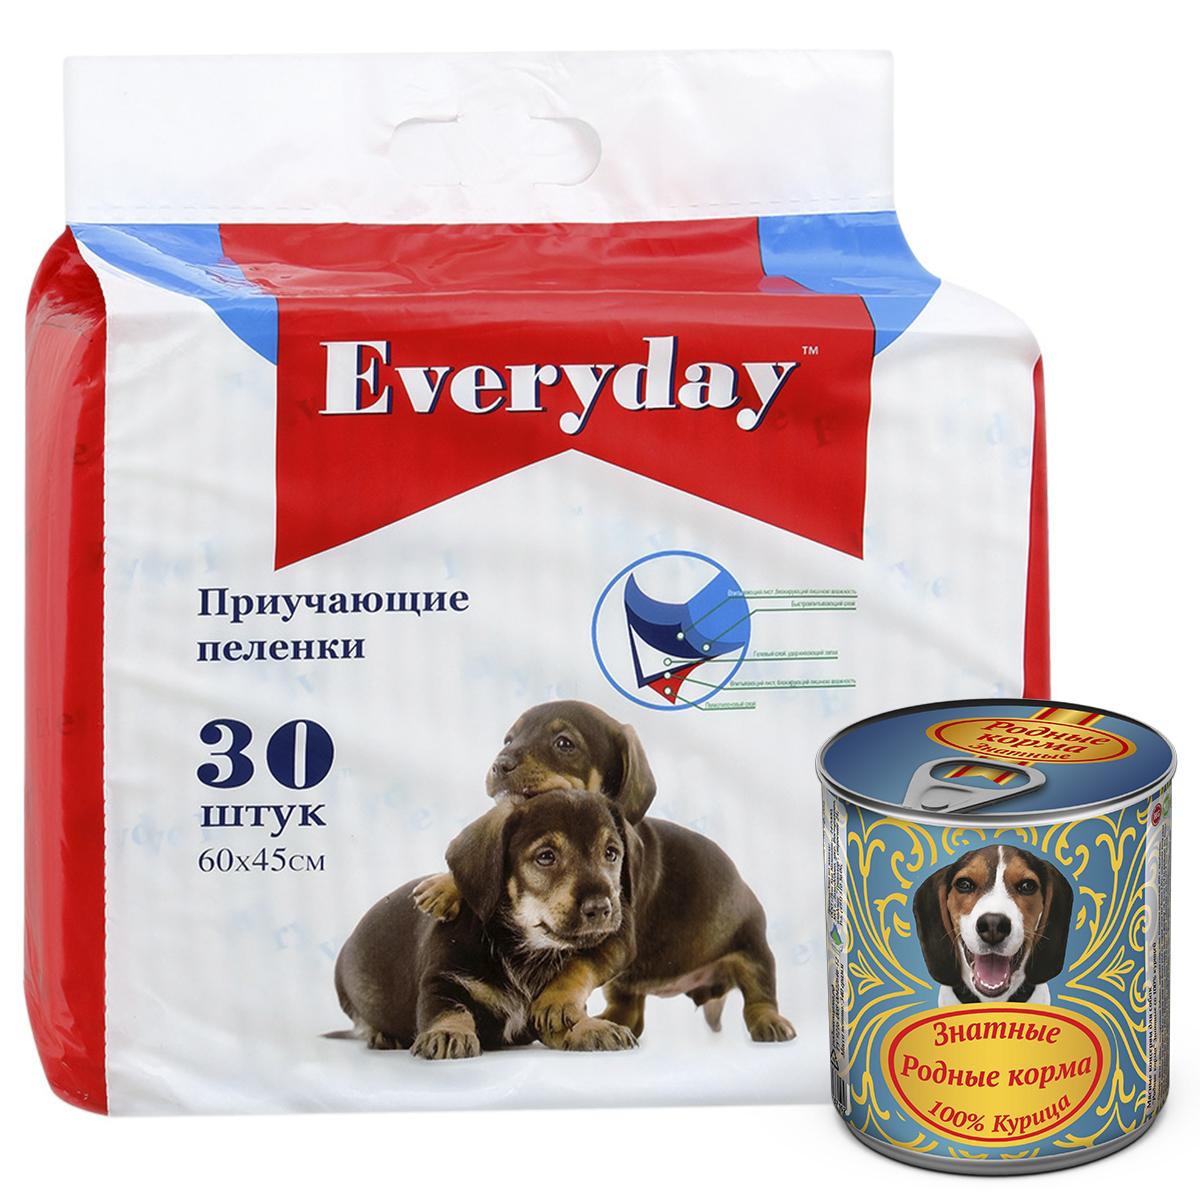 Впитывающие пеленки для животных Everyday, гелевые, 60х45 см, 30 шт + ПОДАРОК: Консервы для собак Родные корма Знатные, 100 % Курица, 340 г65424Пелёнки изготовлены под девизом: Цена+качество+ гигиена+комфорт. Имеют ненавязчивый привлекающий аромат. Содержат специальный гель внутри впитывающего слоя, что позволяет продлить срок использования гигиенического изделия. Всегда чисто! Всегда сухо! + ПОДАРОК Консервы РОДНЫЕ КОРМА Знатные 100 % Курица для собак 340 г